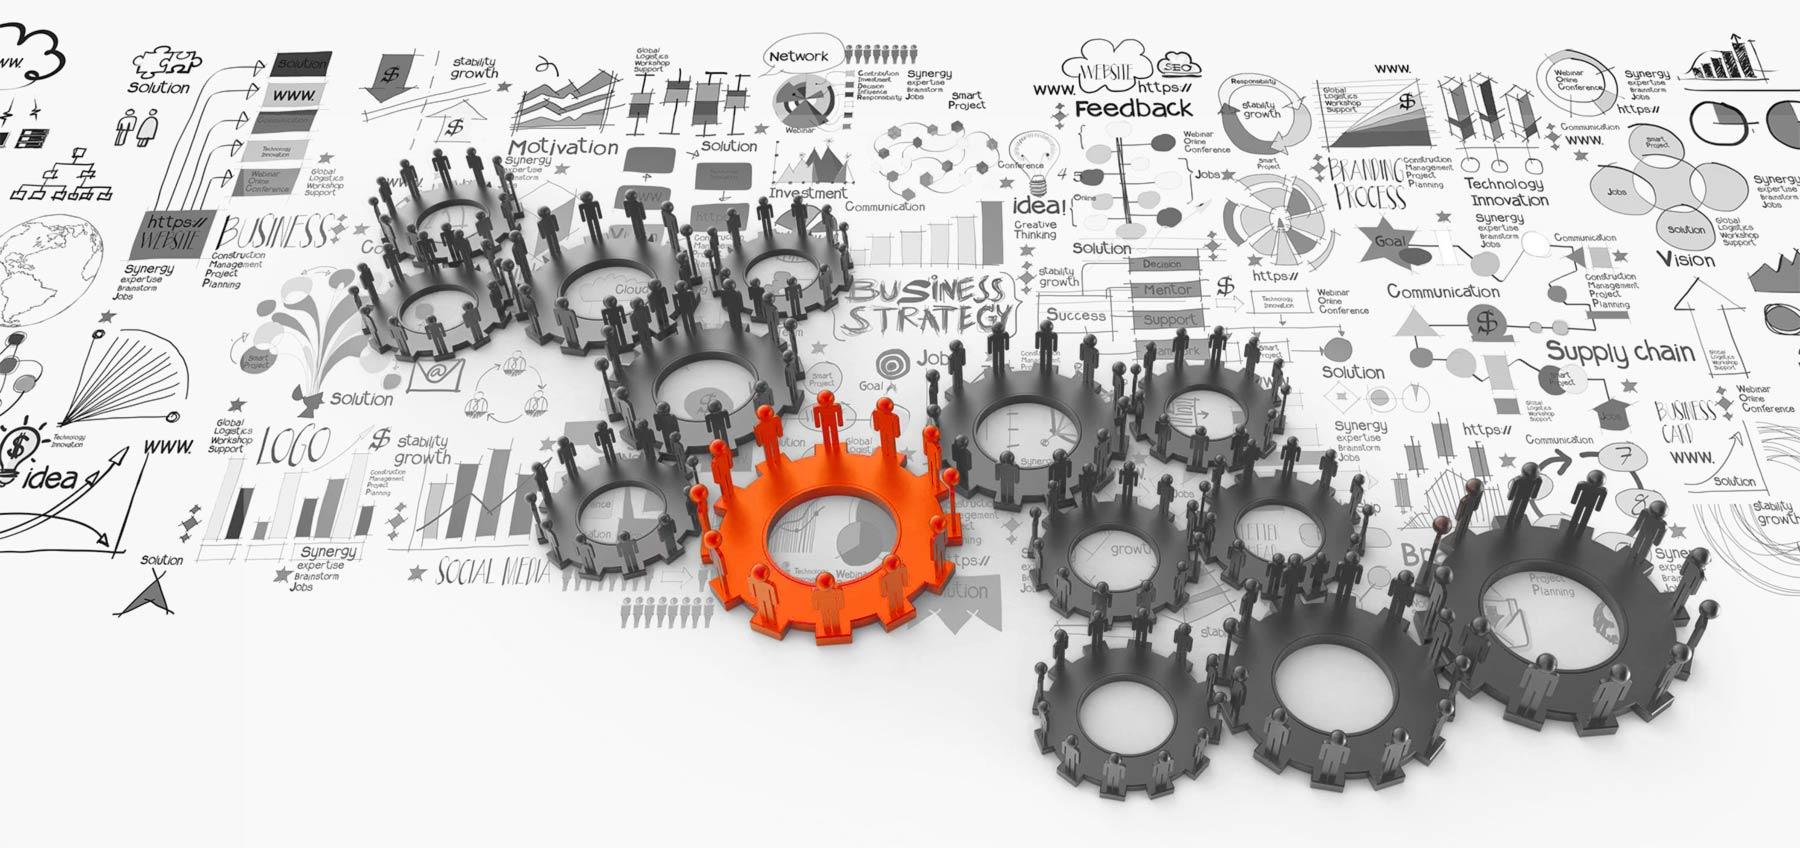 engrenages représentants la stratégie opérationnelle au sein d'une entreprise